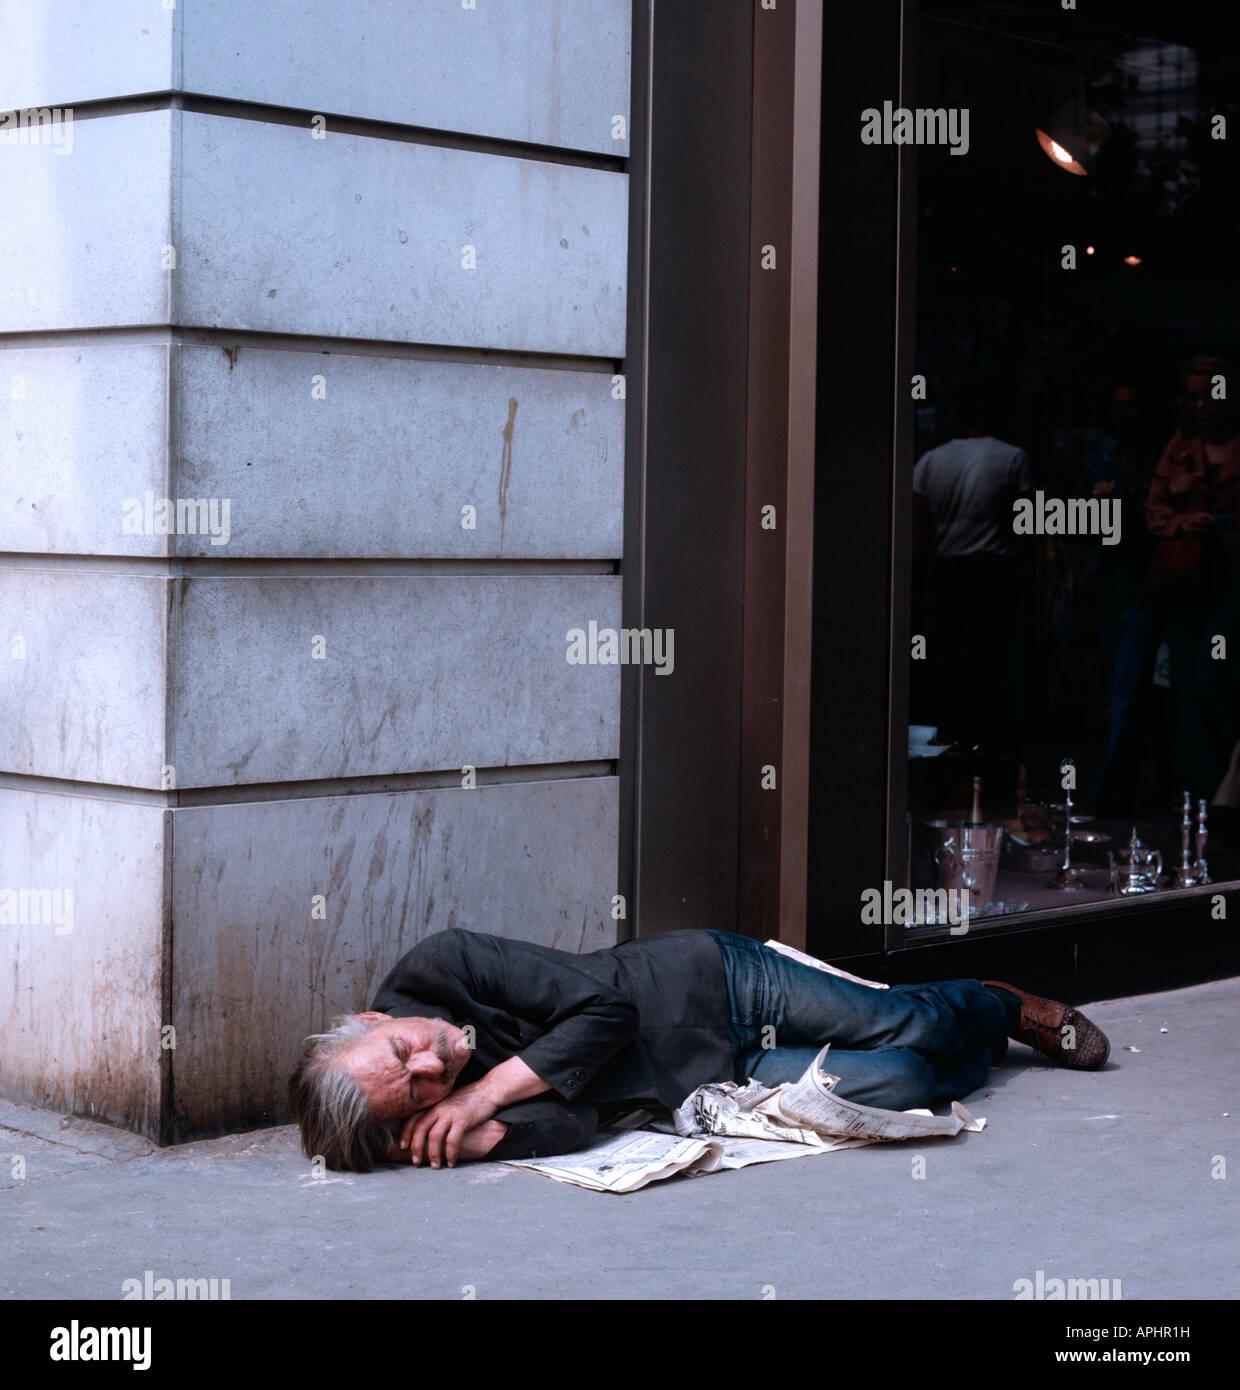 EU FR France Region Ile De Paris 9 Arrondissement Homeless Person On Boulevard Des Capucines In Heart Of NO MR